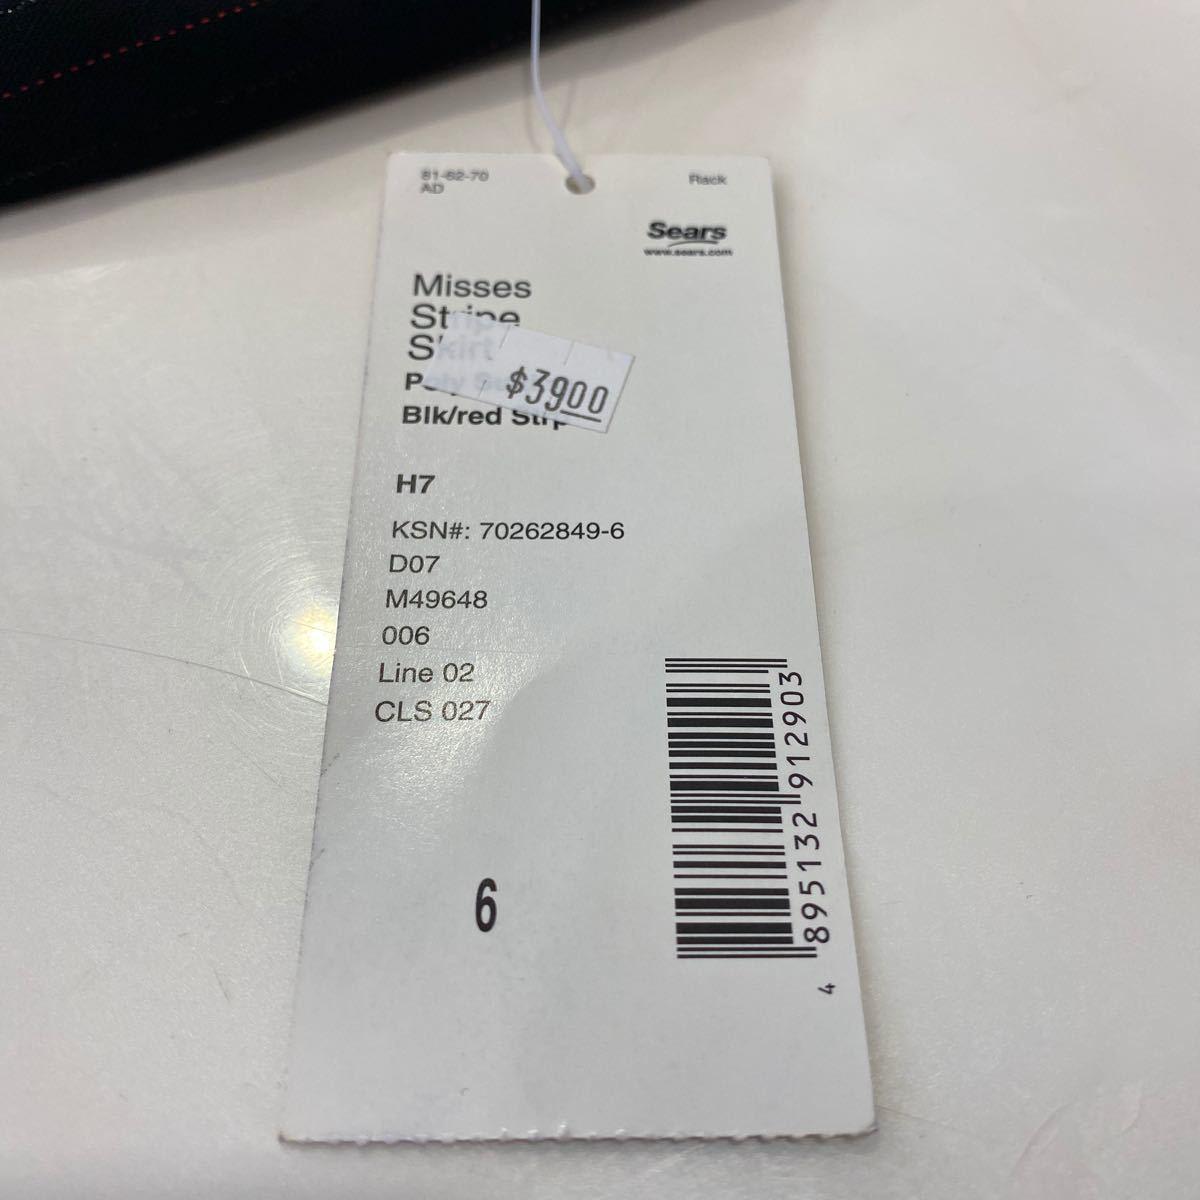 【★SALE★定価20%OFF】 COVINGTON Sears レディース ミセス ボトムス スカート ロング タイト ロングスカート タイトスカート 新品